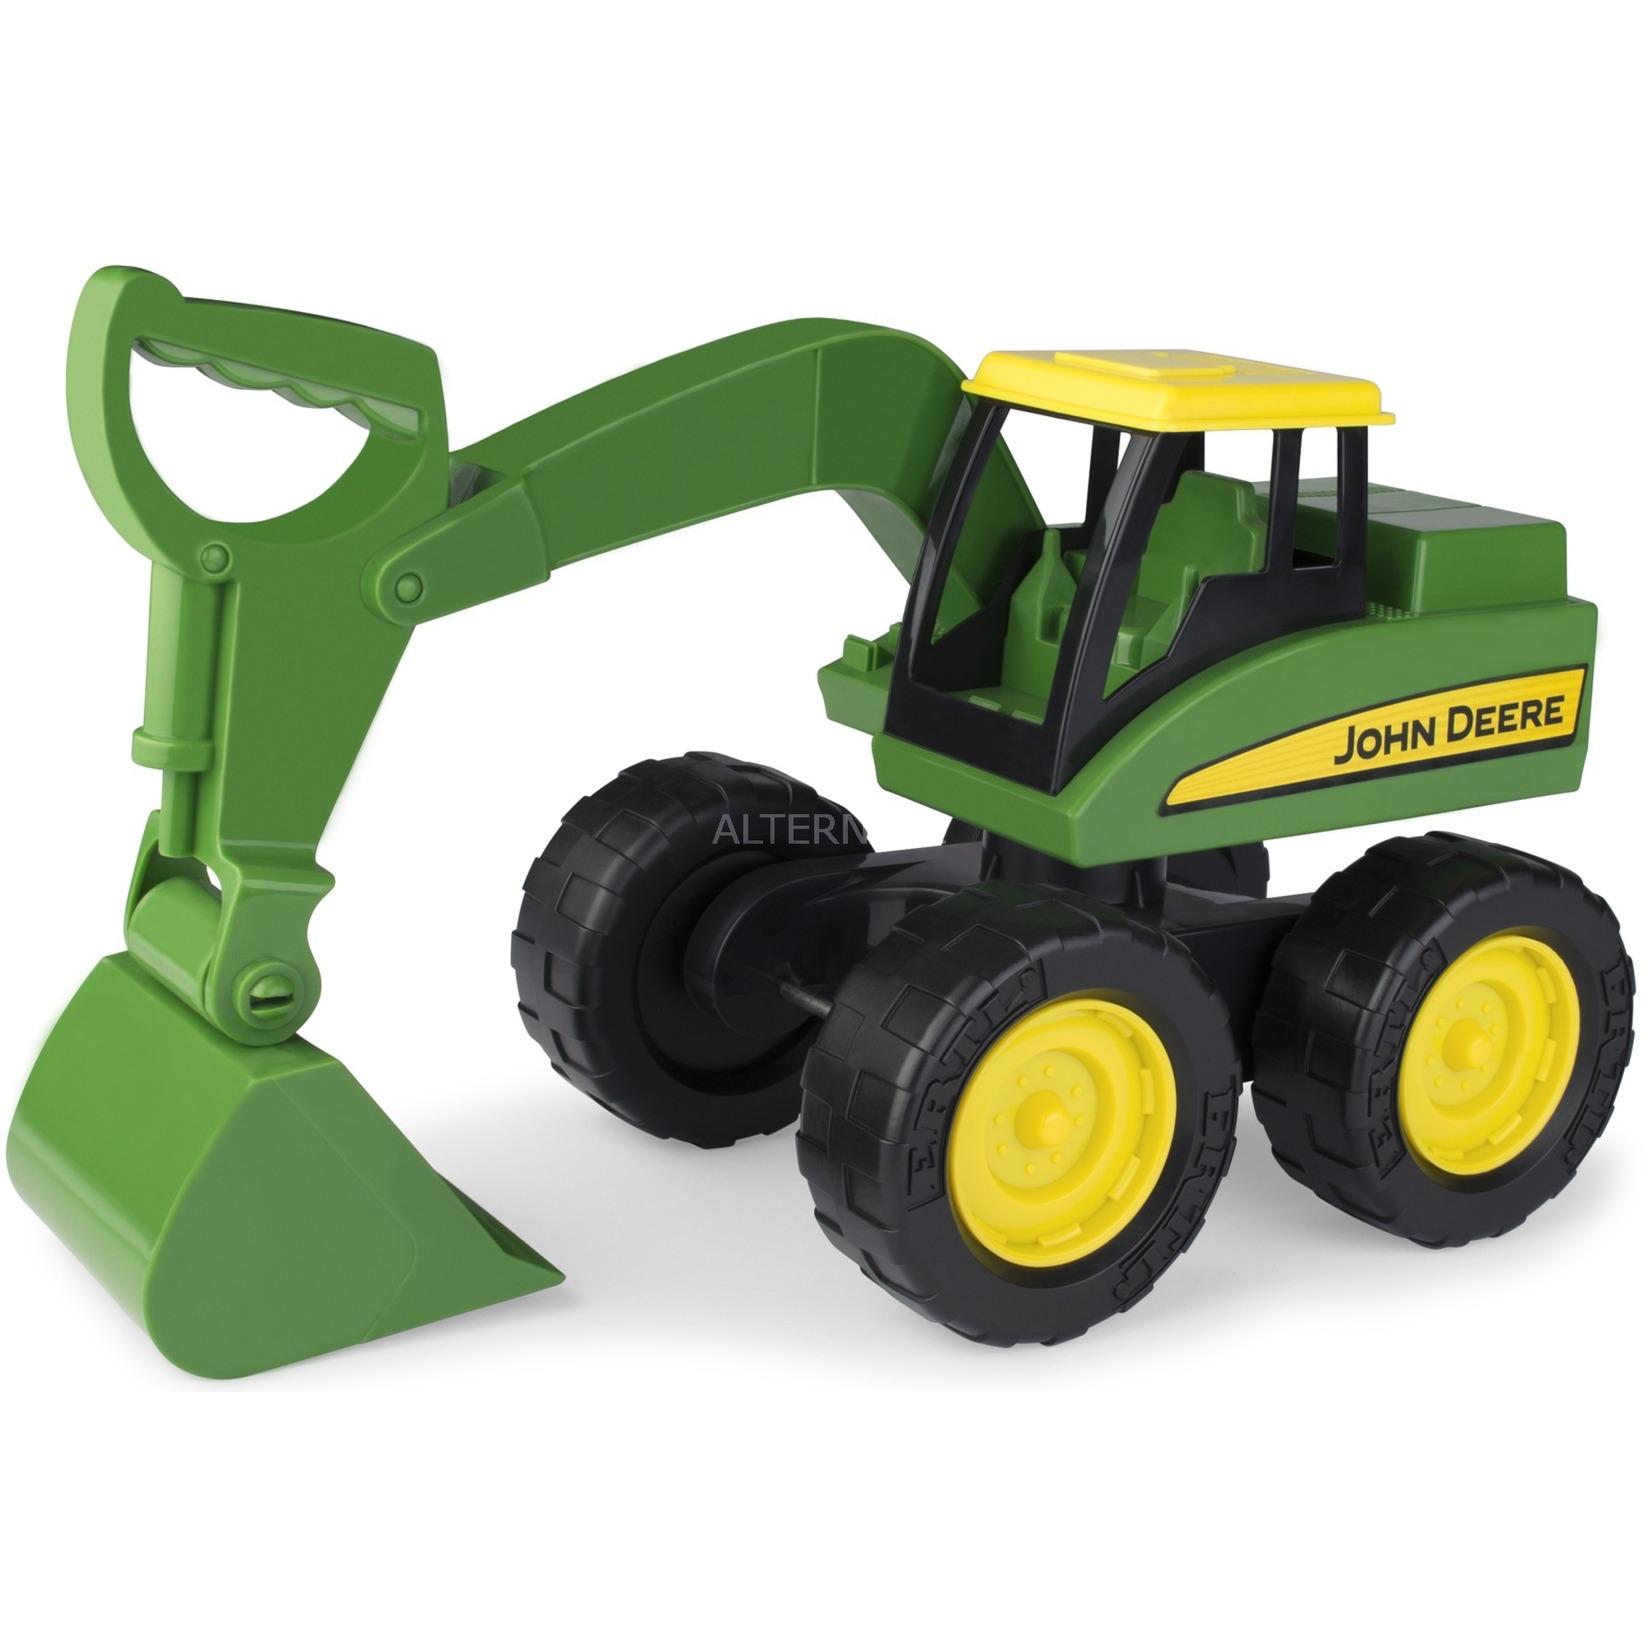 35765, Vehículo de juguete